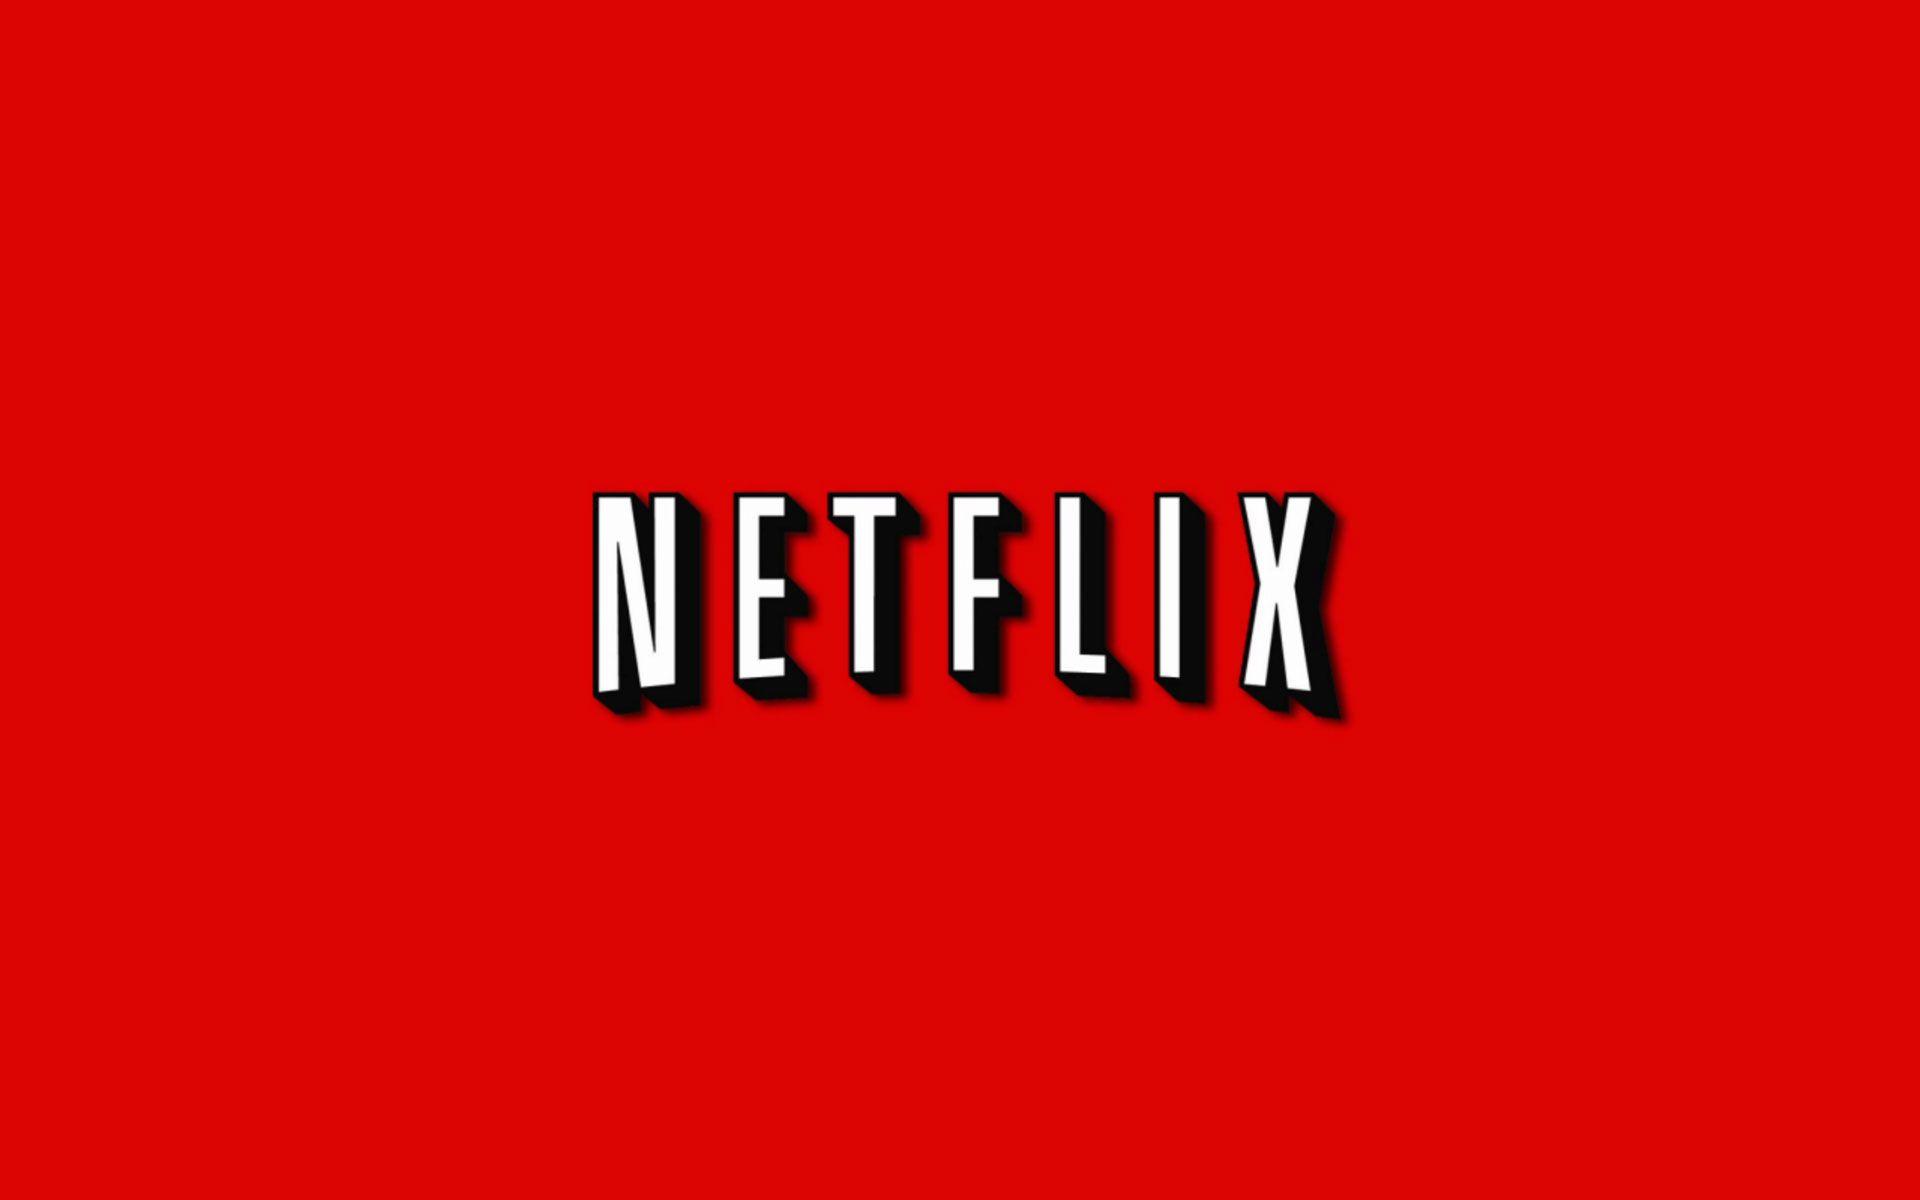 Netflix adquiere dos nuevas peliculas en Cannes 2019